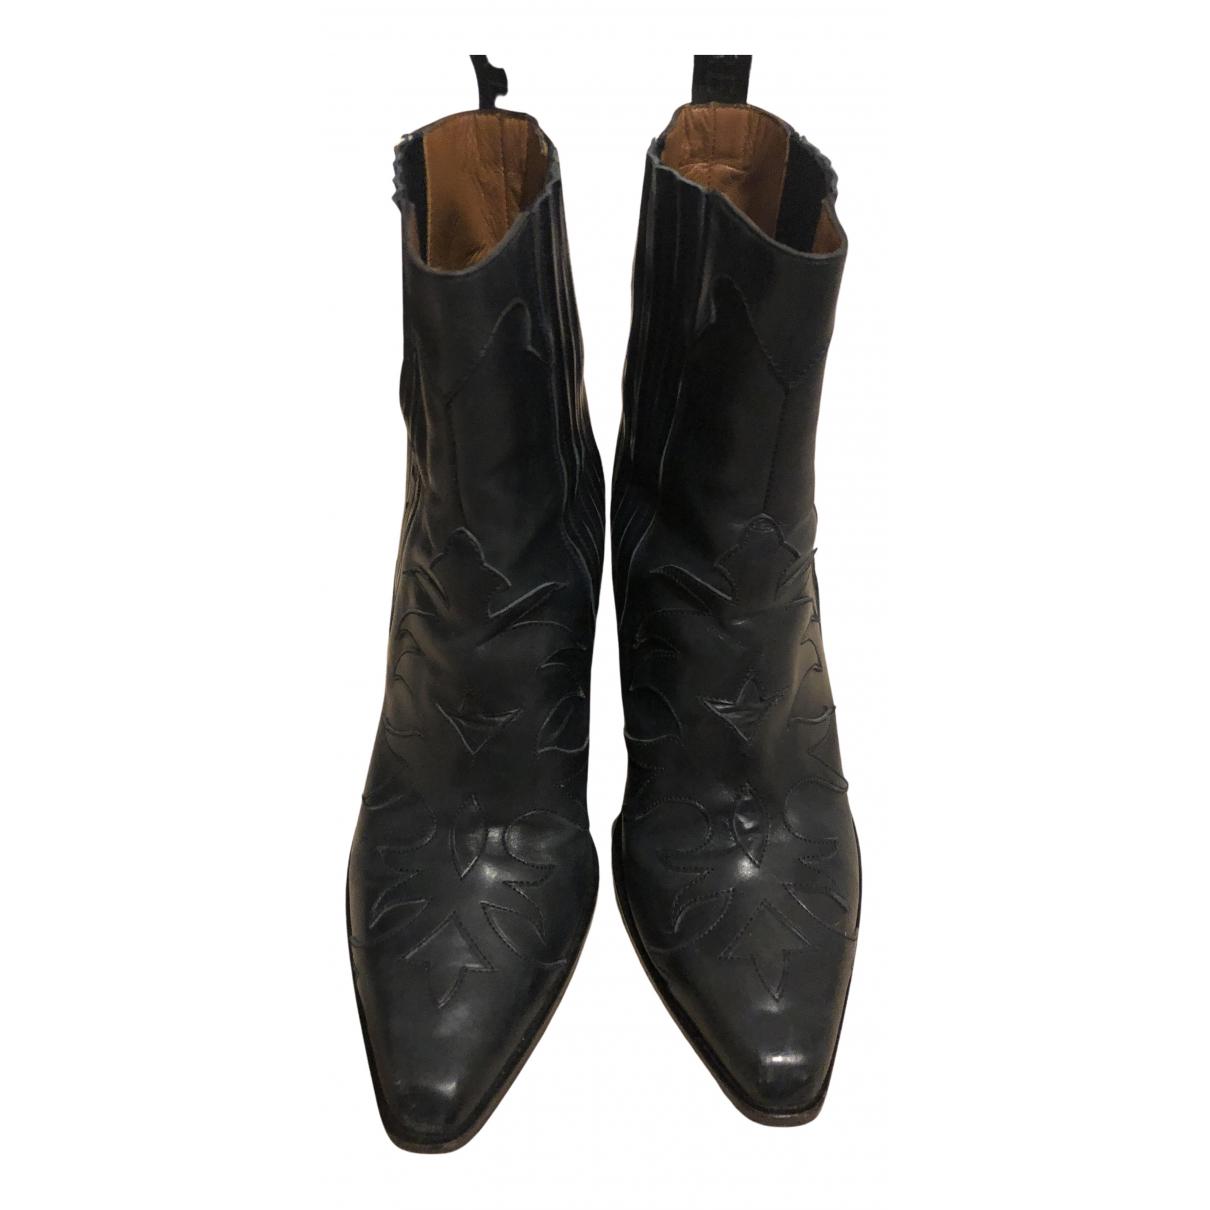 Sartore - Boots   pour femme en cuir verni - bleu